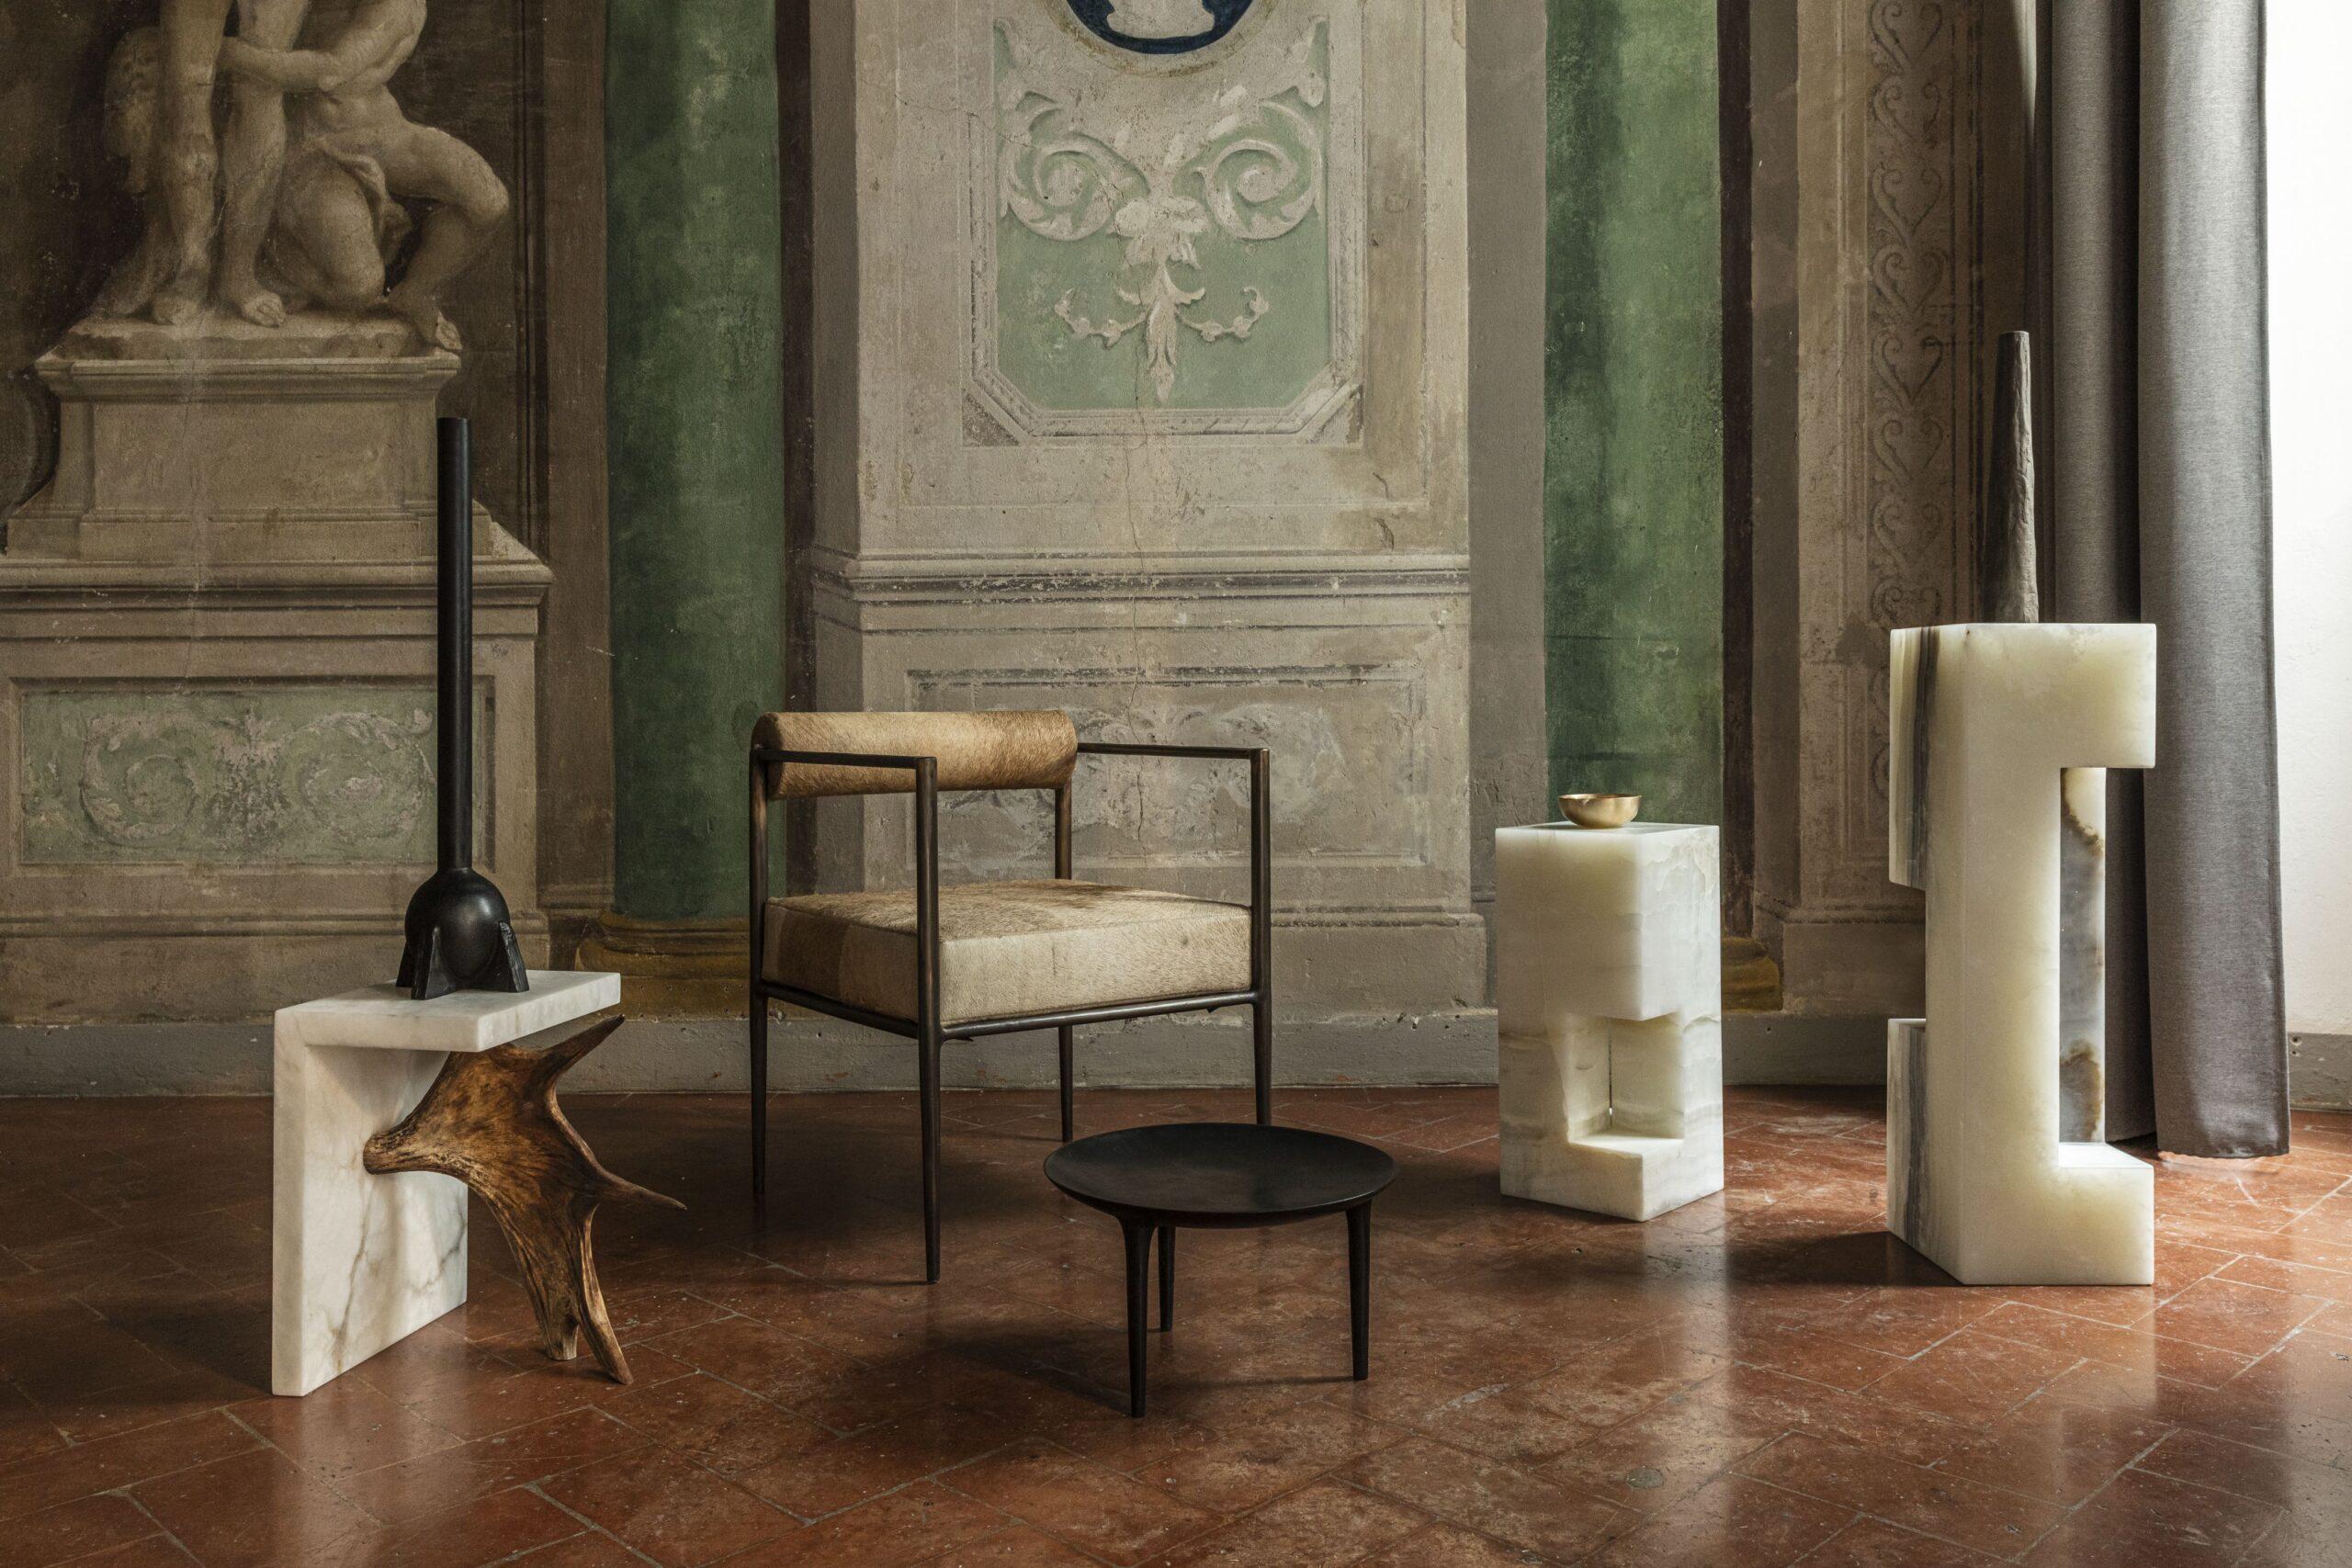 Le sculture dello stilista e designer californiano Rick Owens tra Milano e Firenze